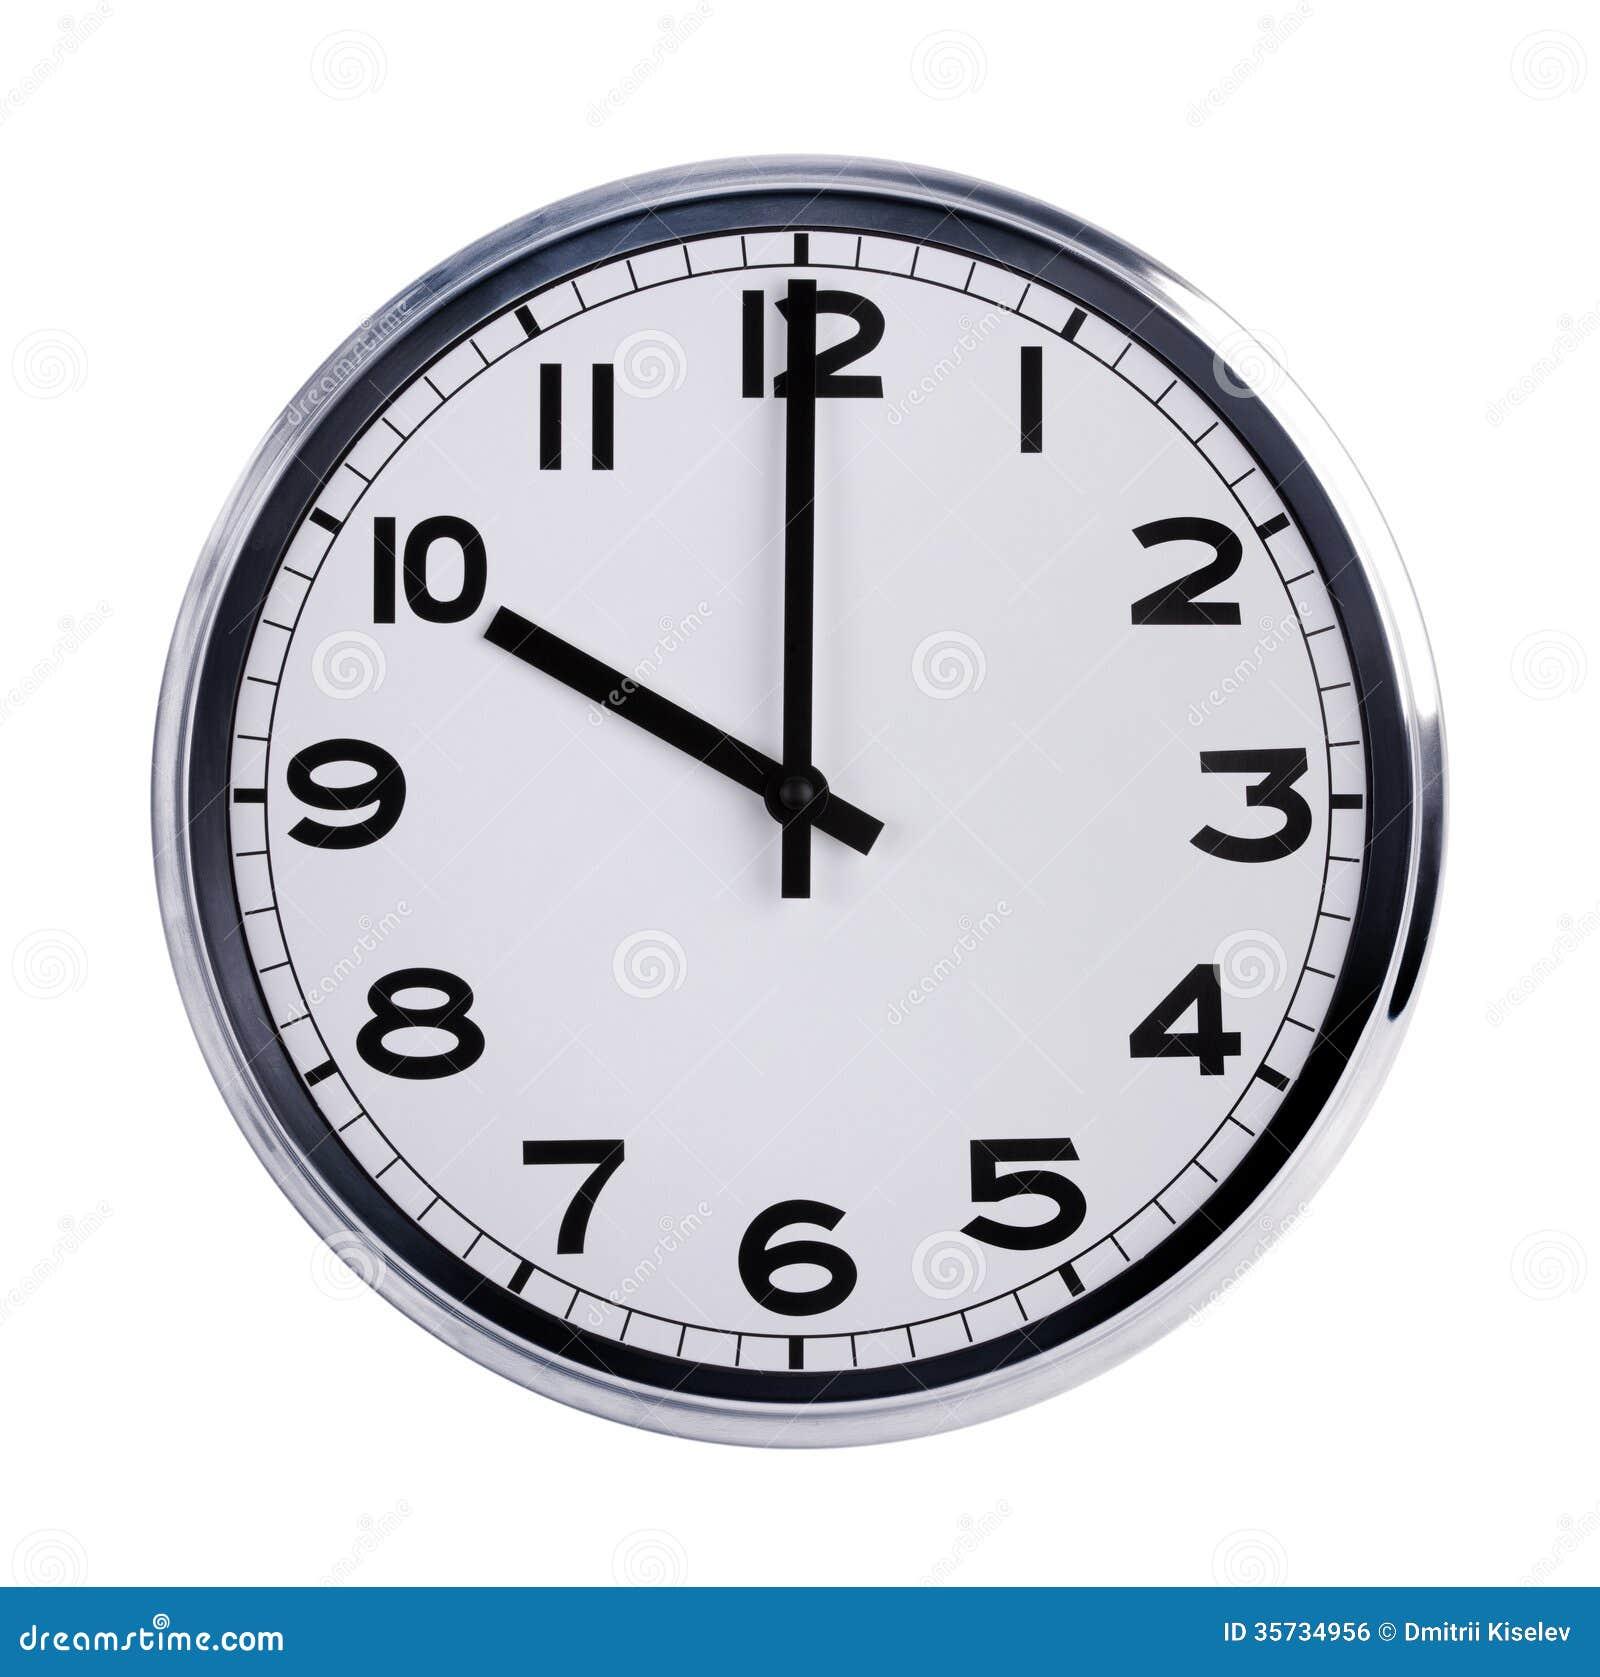 El reloj redondo de la oficina muestra las diez